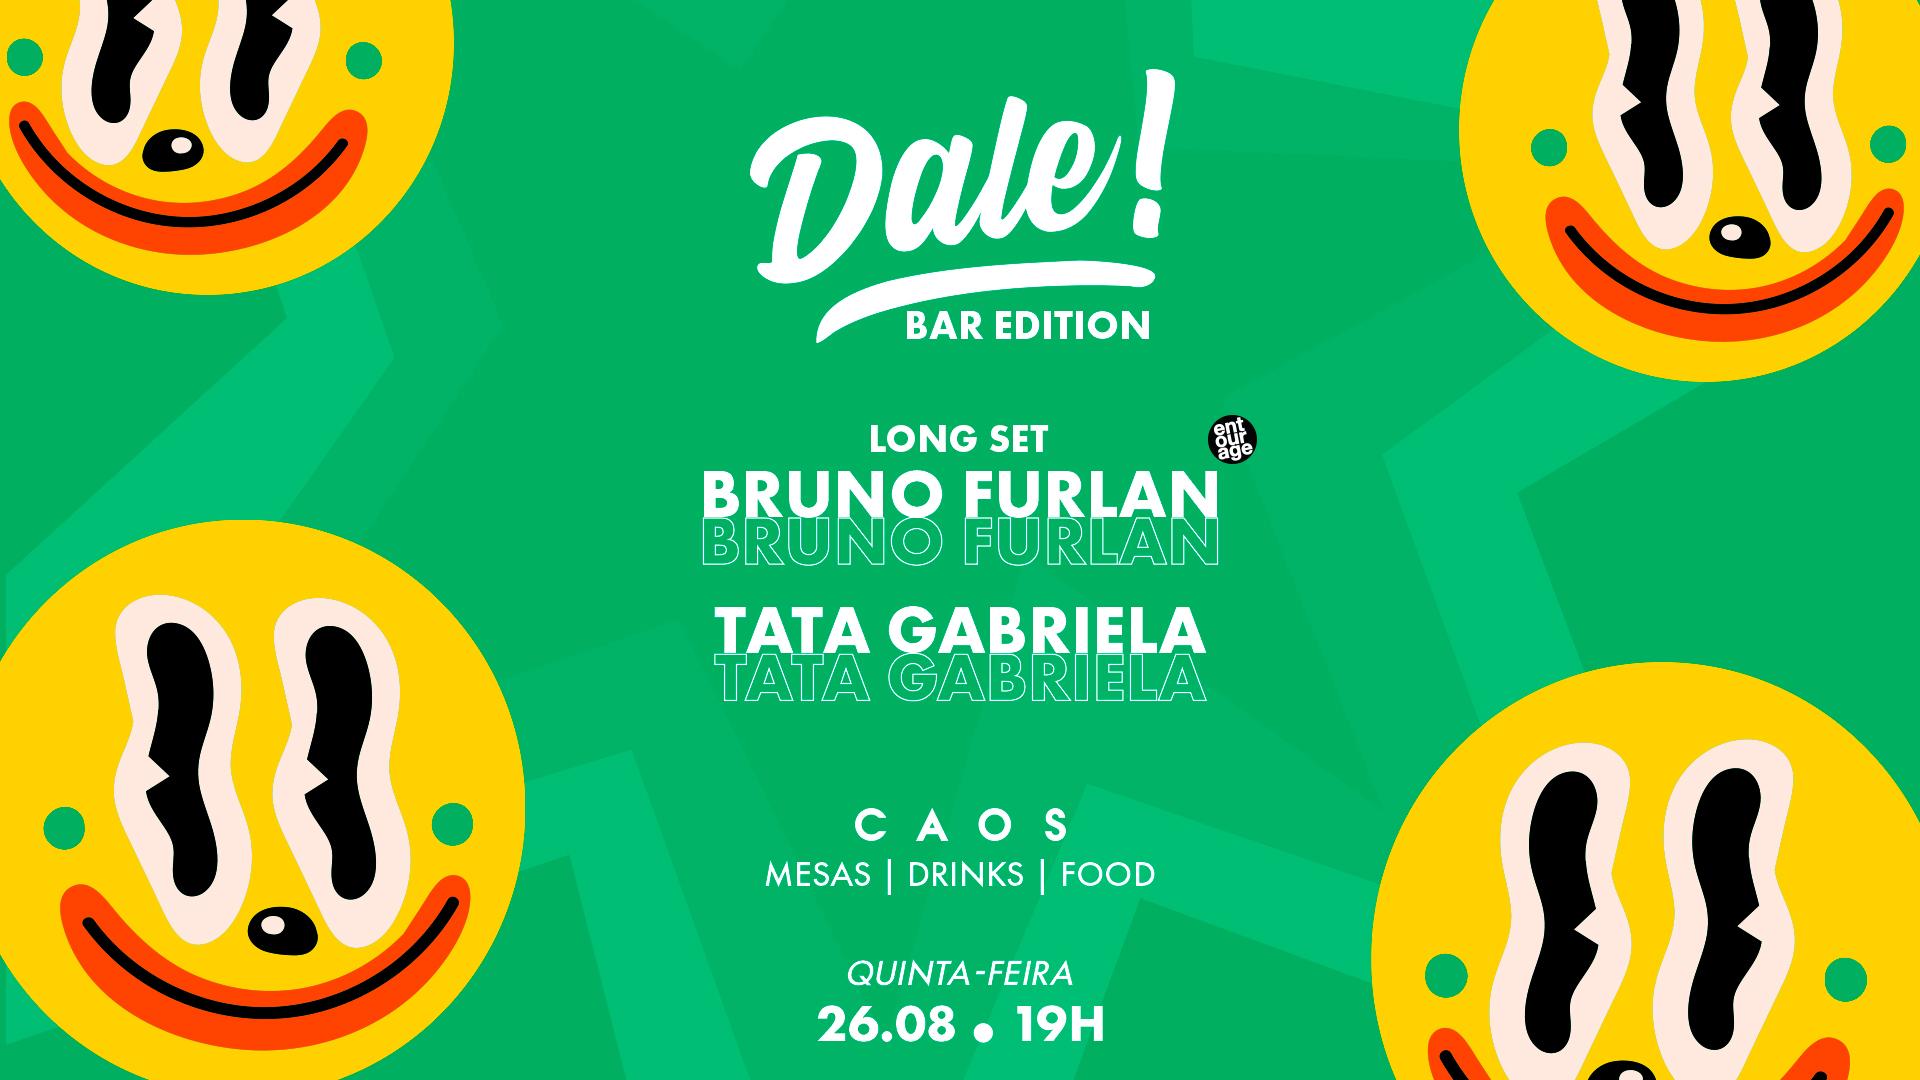 Dale! apresenta Bruno Furlan